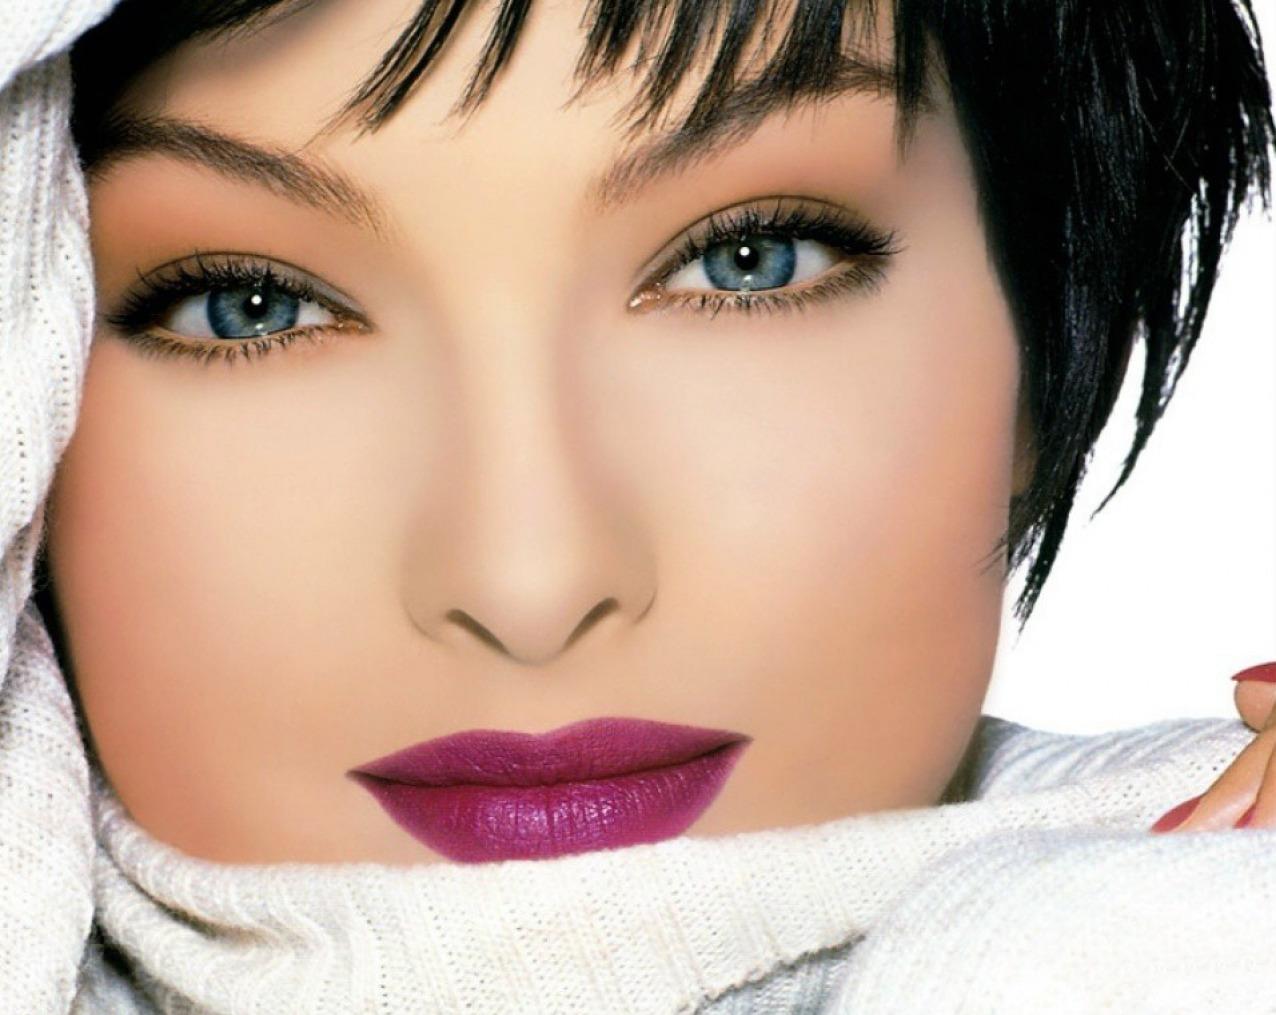 Макияж глаз женщинам за 35 лет